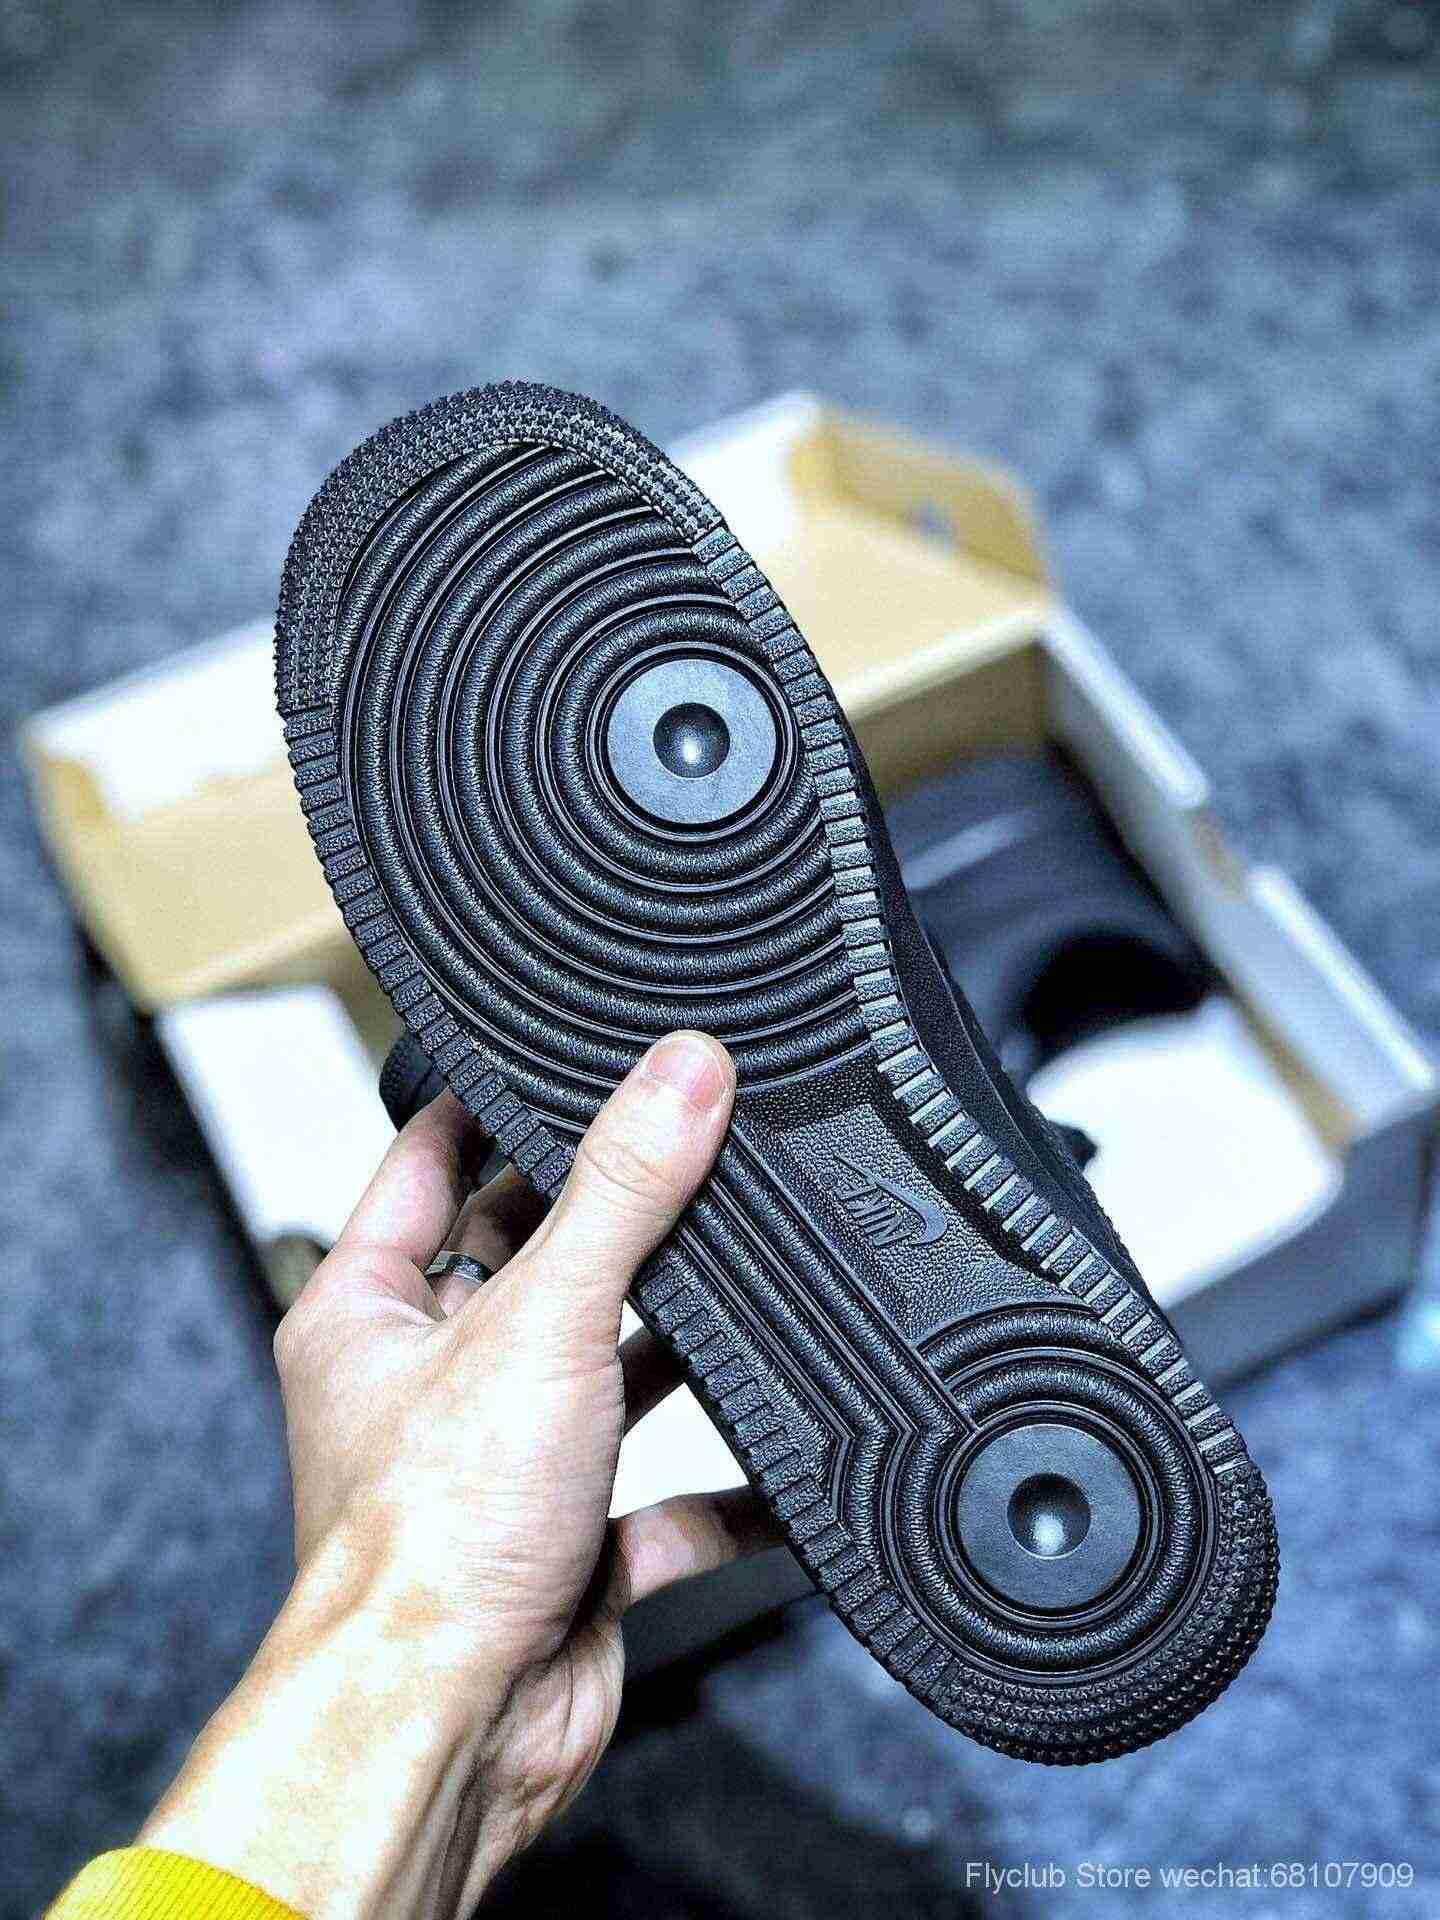 💰279福利 日本专柜订单# Nike Air Force 1 Low 空军一号全黑低帮板鞋